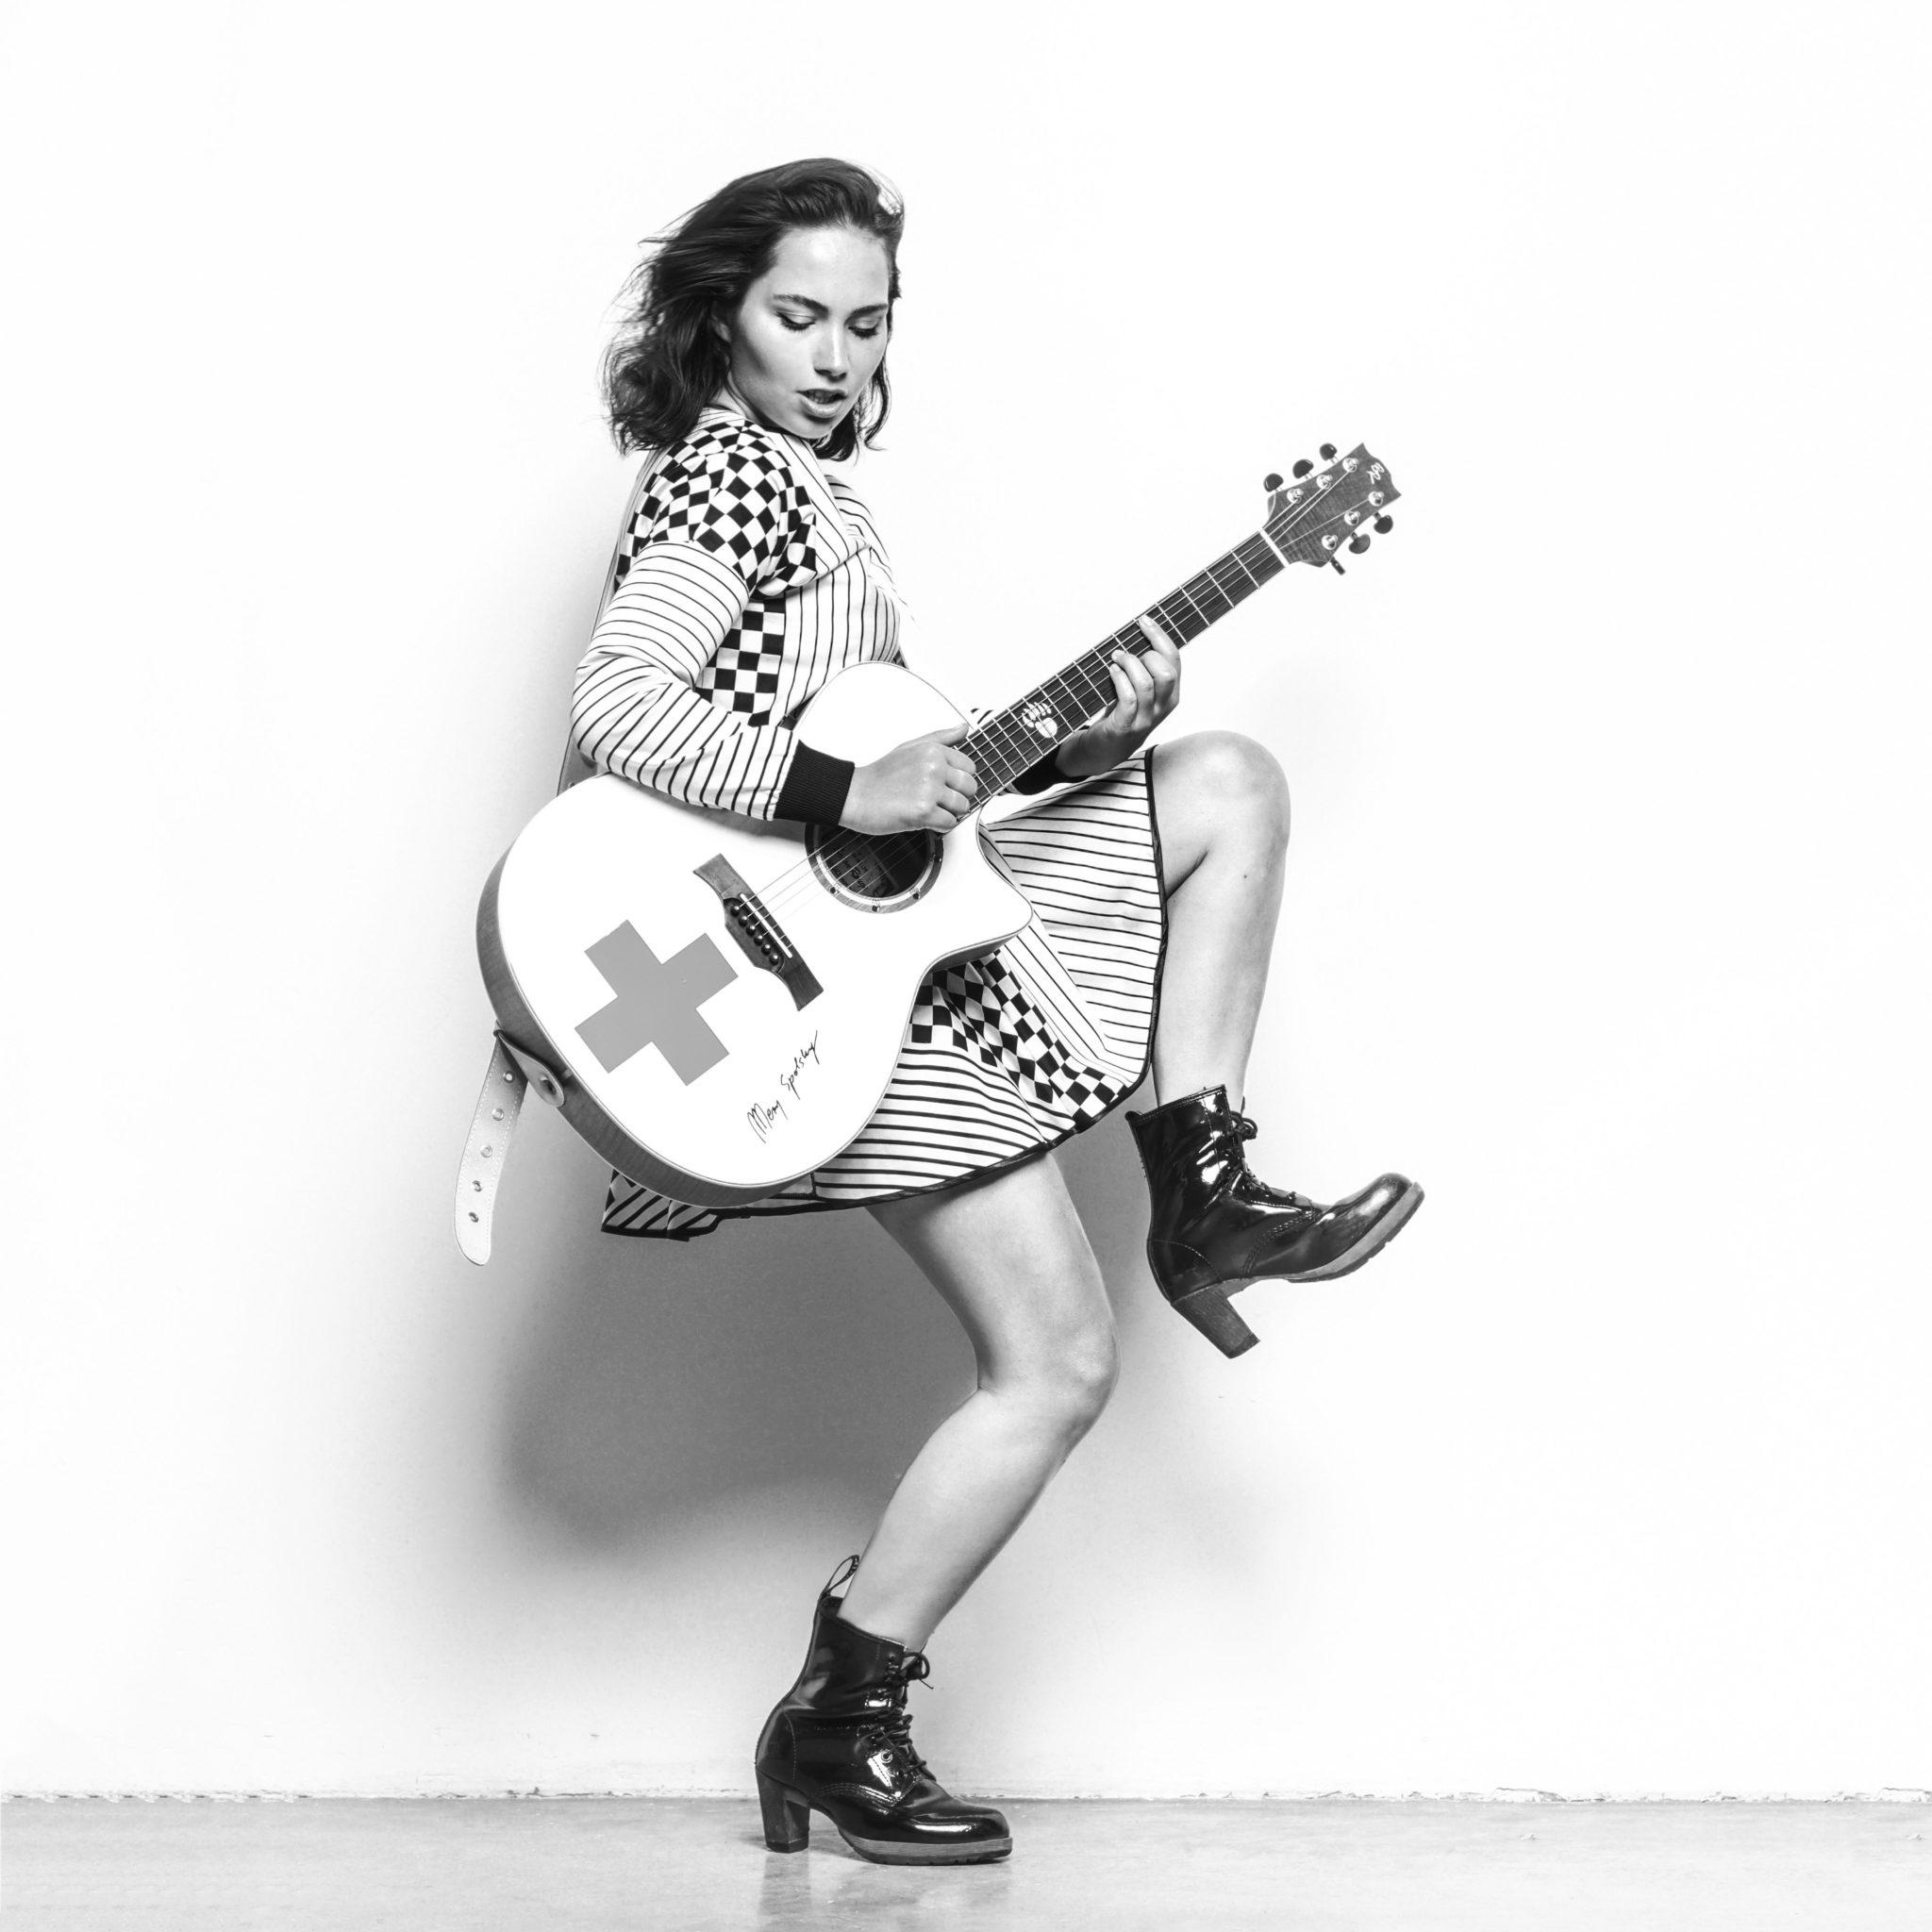 Na czarno bialym zdjeciu widac mloda kobiete w sukience w paski prawa noge ma uniesiona a w rekach trzyma gitare